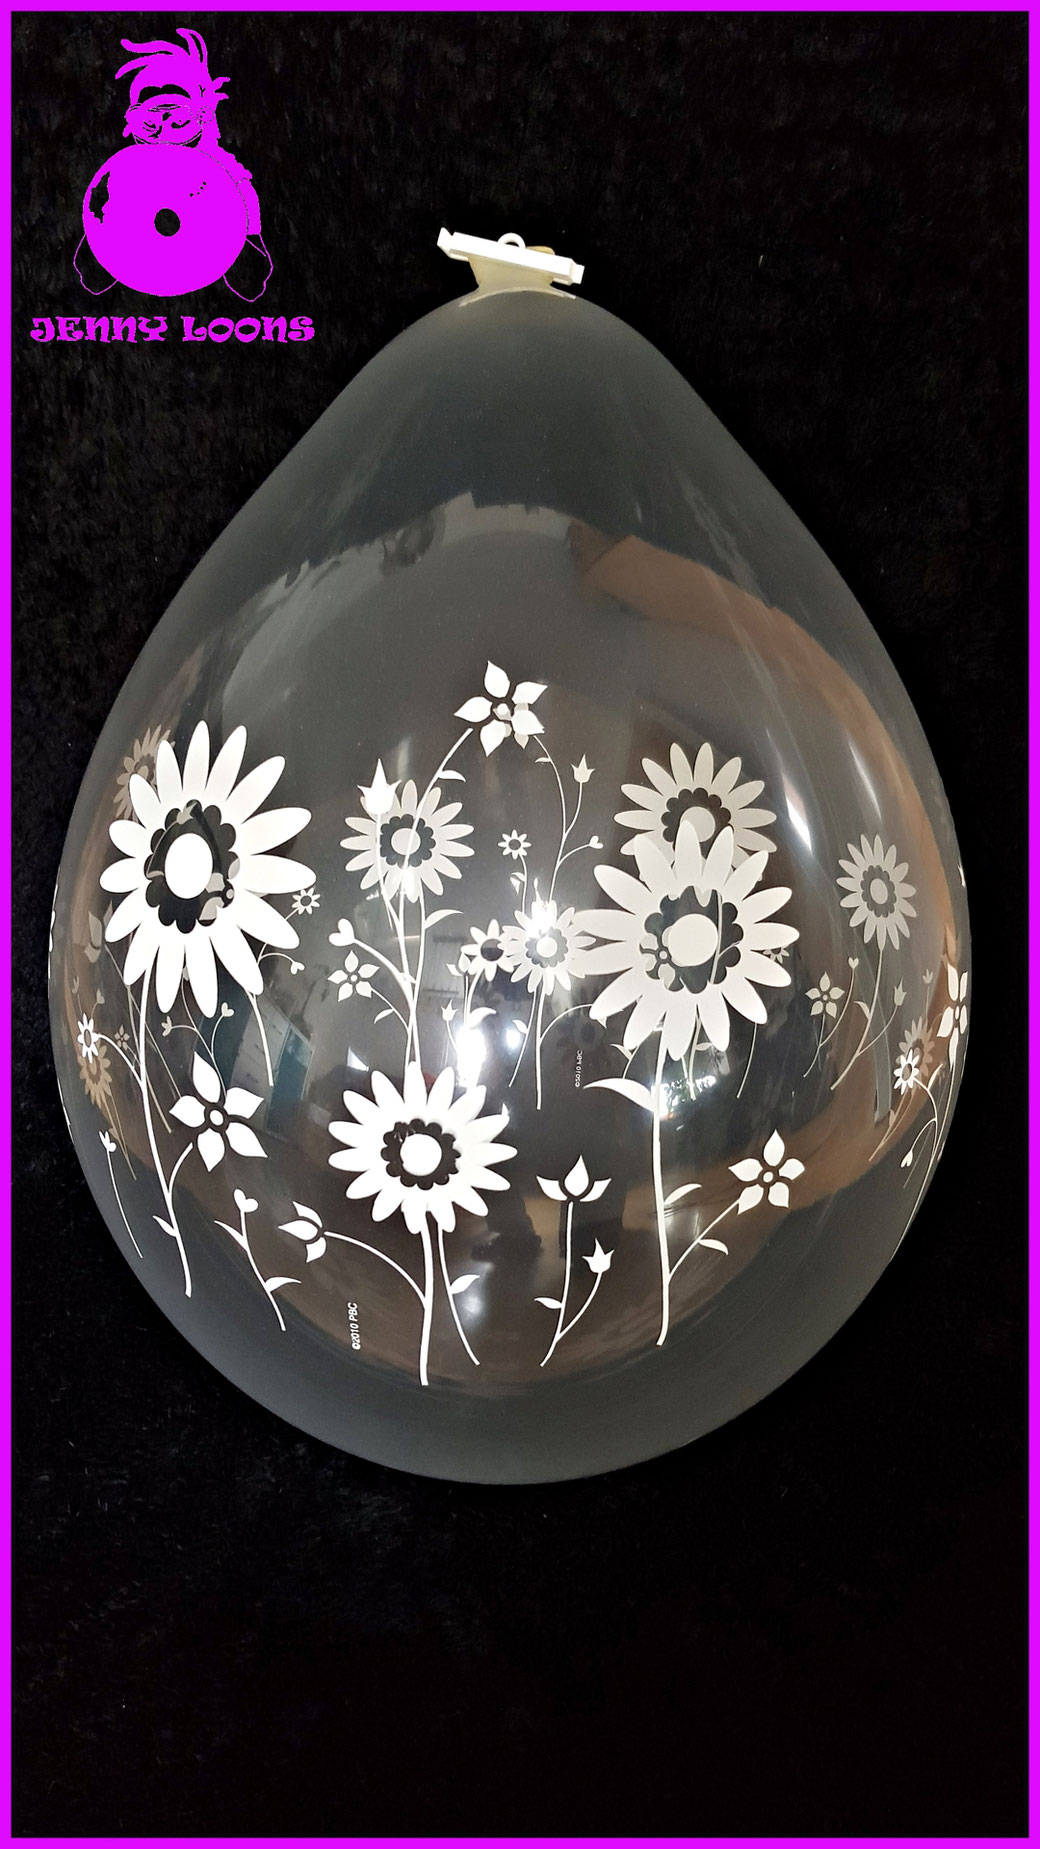 Verpackungsballon Blumenwiese - Stuffer balloon Flower Garden